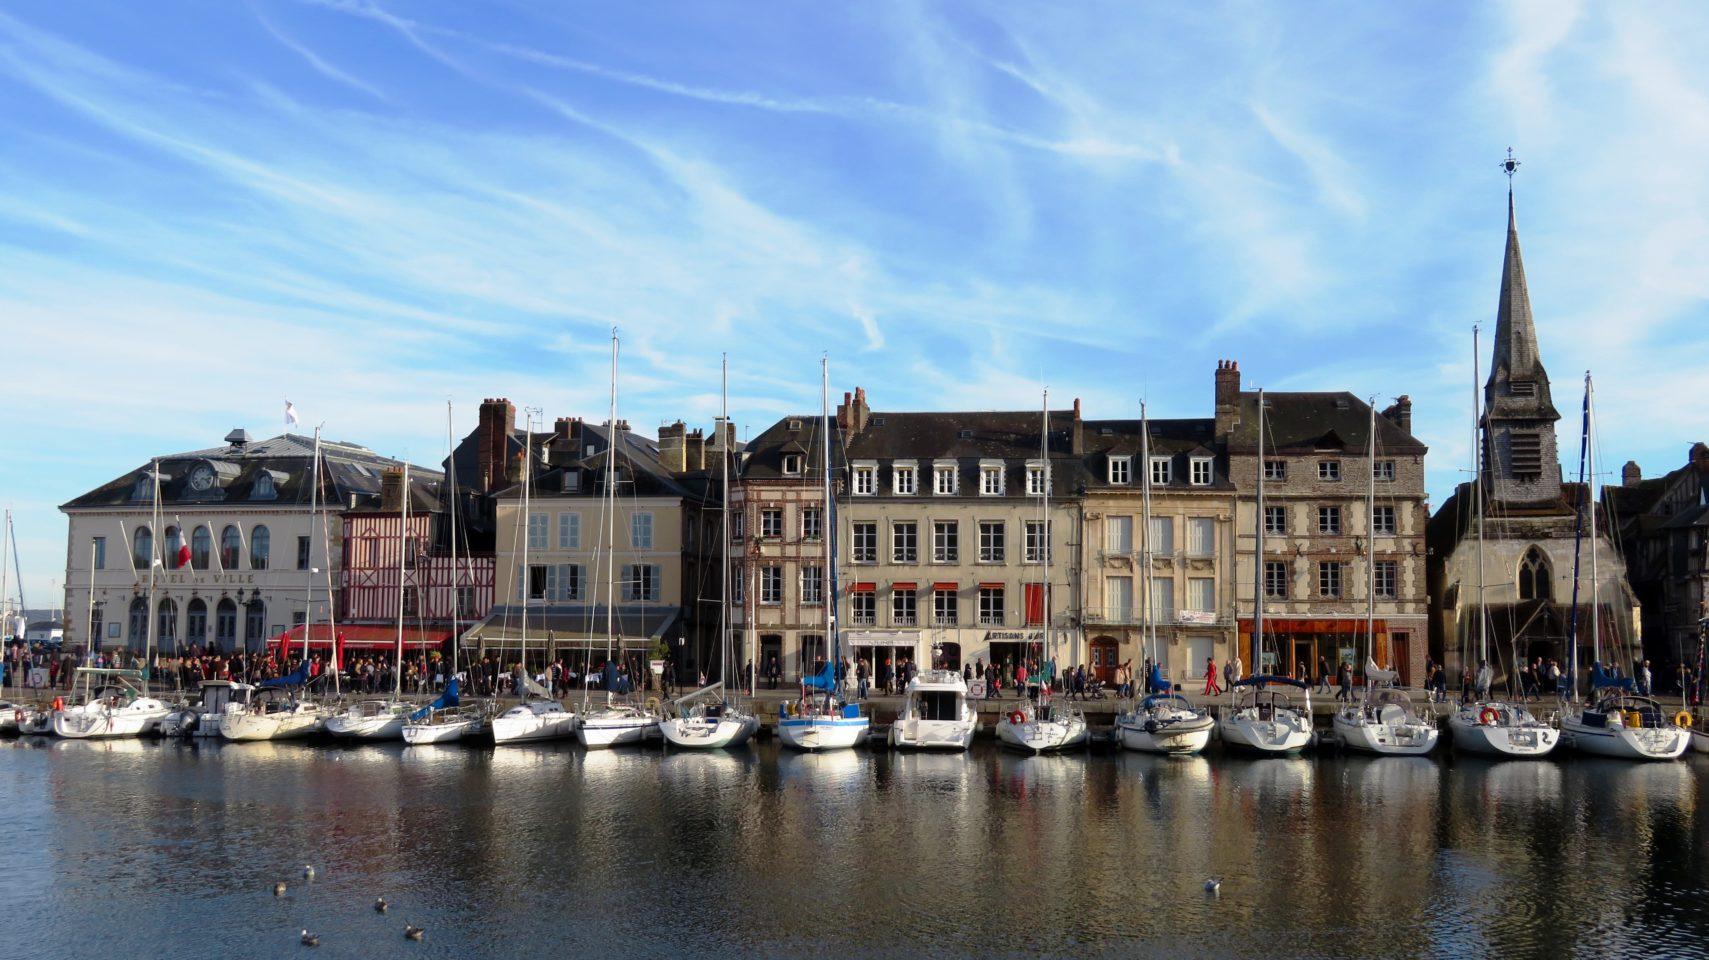 Honfleur, Normandie, France (Paris and Normandie AMAWaterways Cruise)